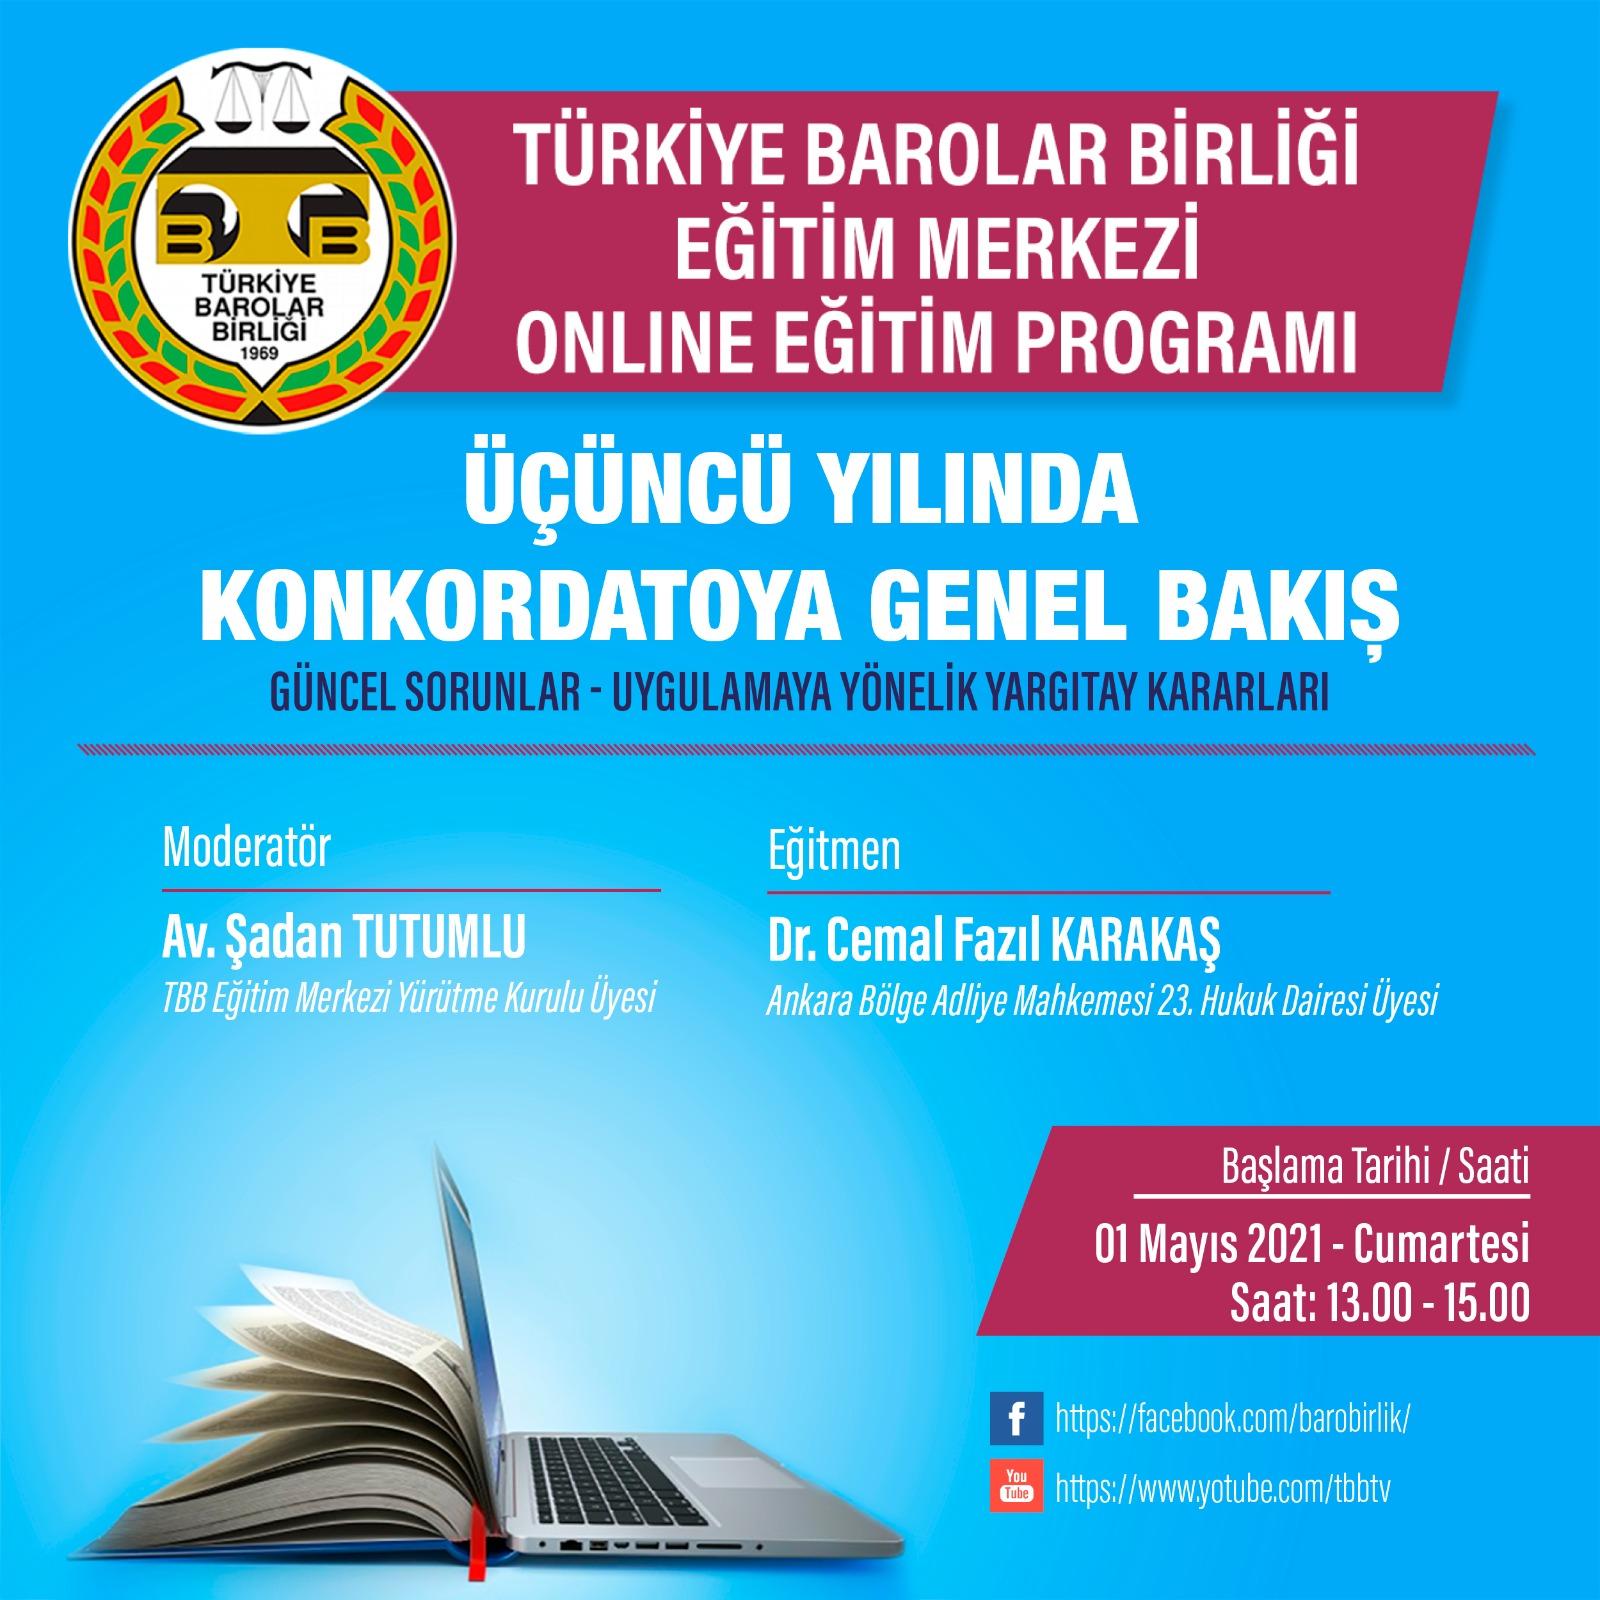 TBB Eğitim Merkezi Online Eğitim 01.05.2021